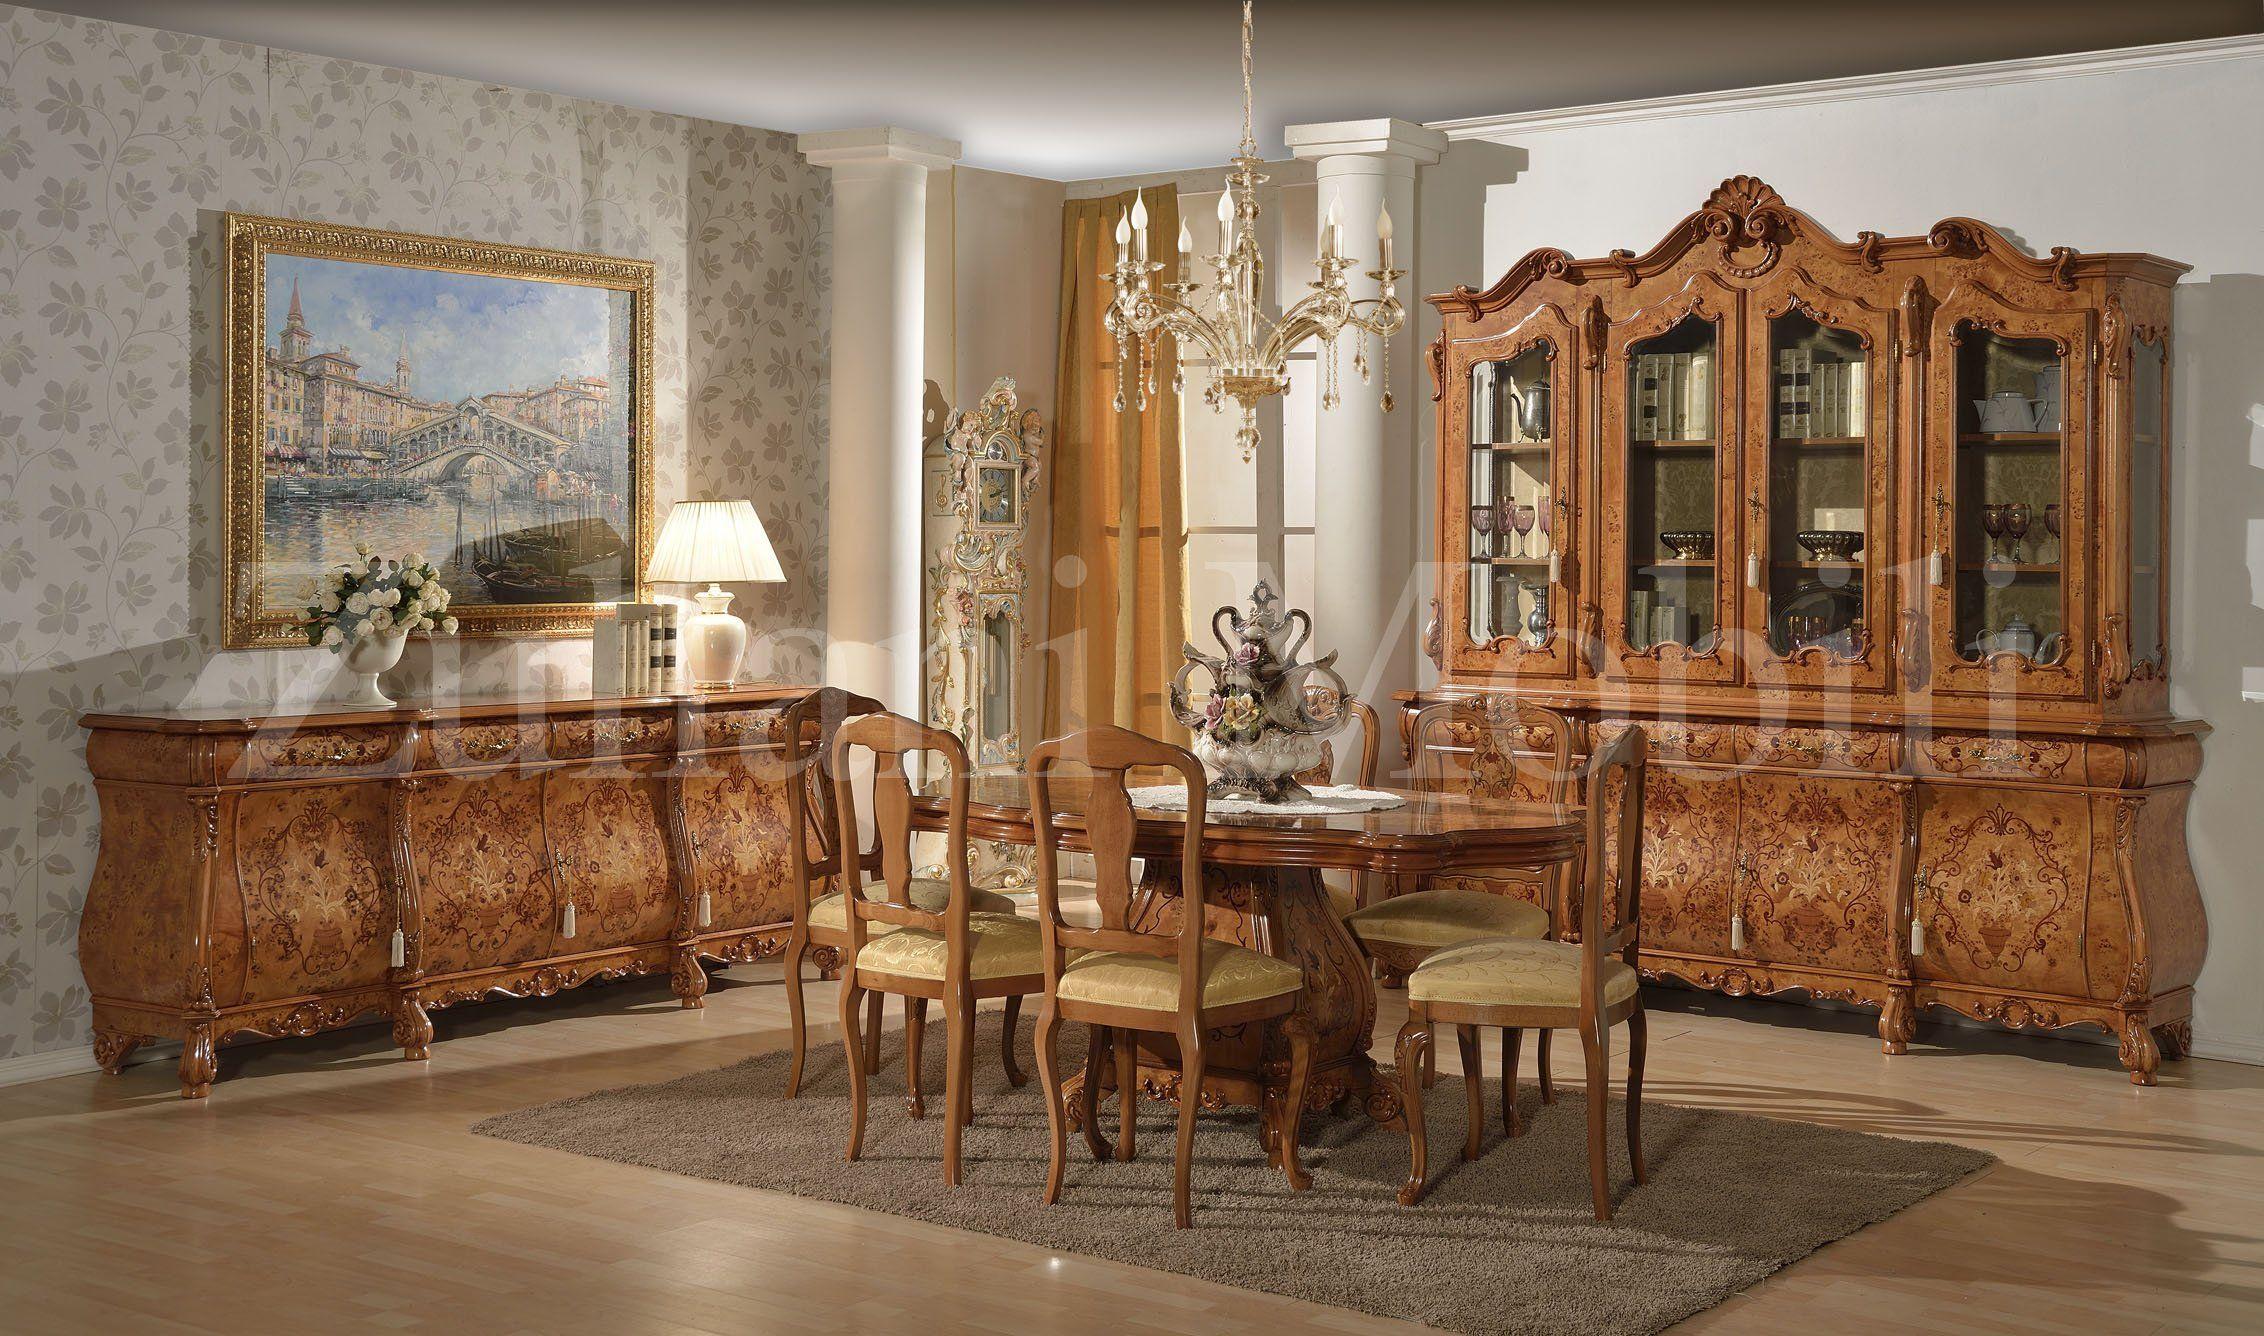 Camera da pranzo in stile olandese in radica di pioppo con intarsi